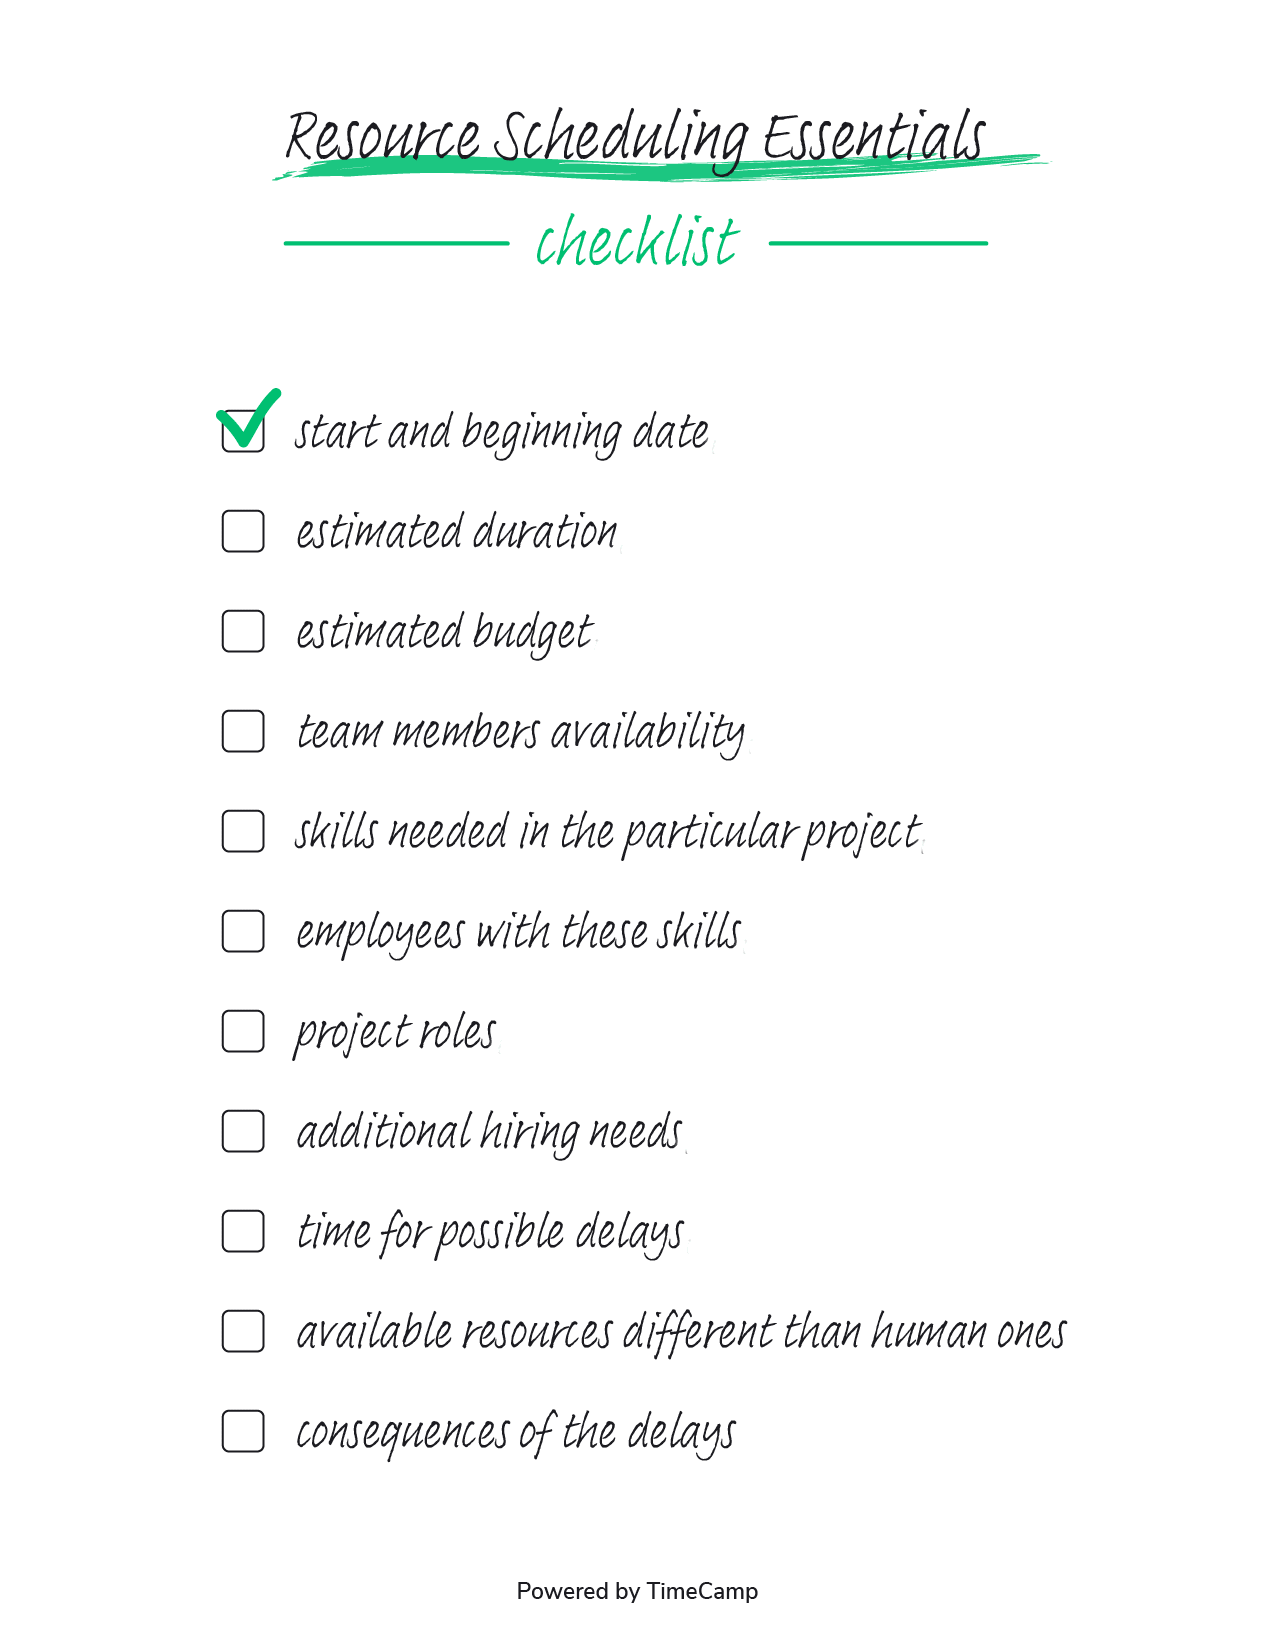 resource scheduling checklist